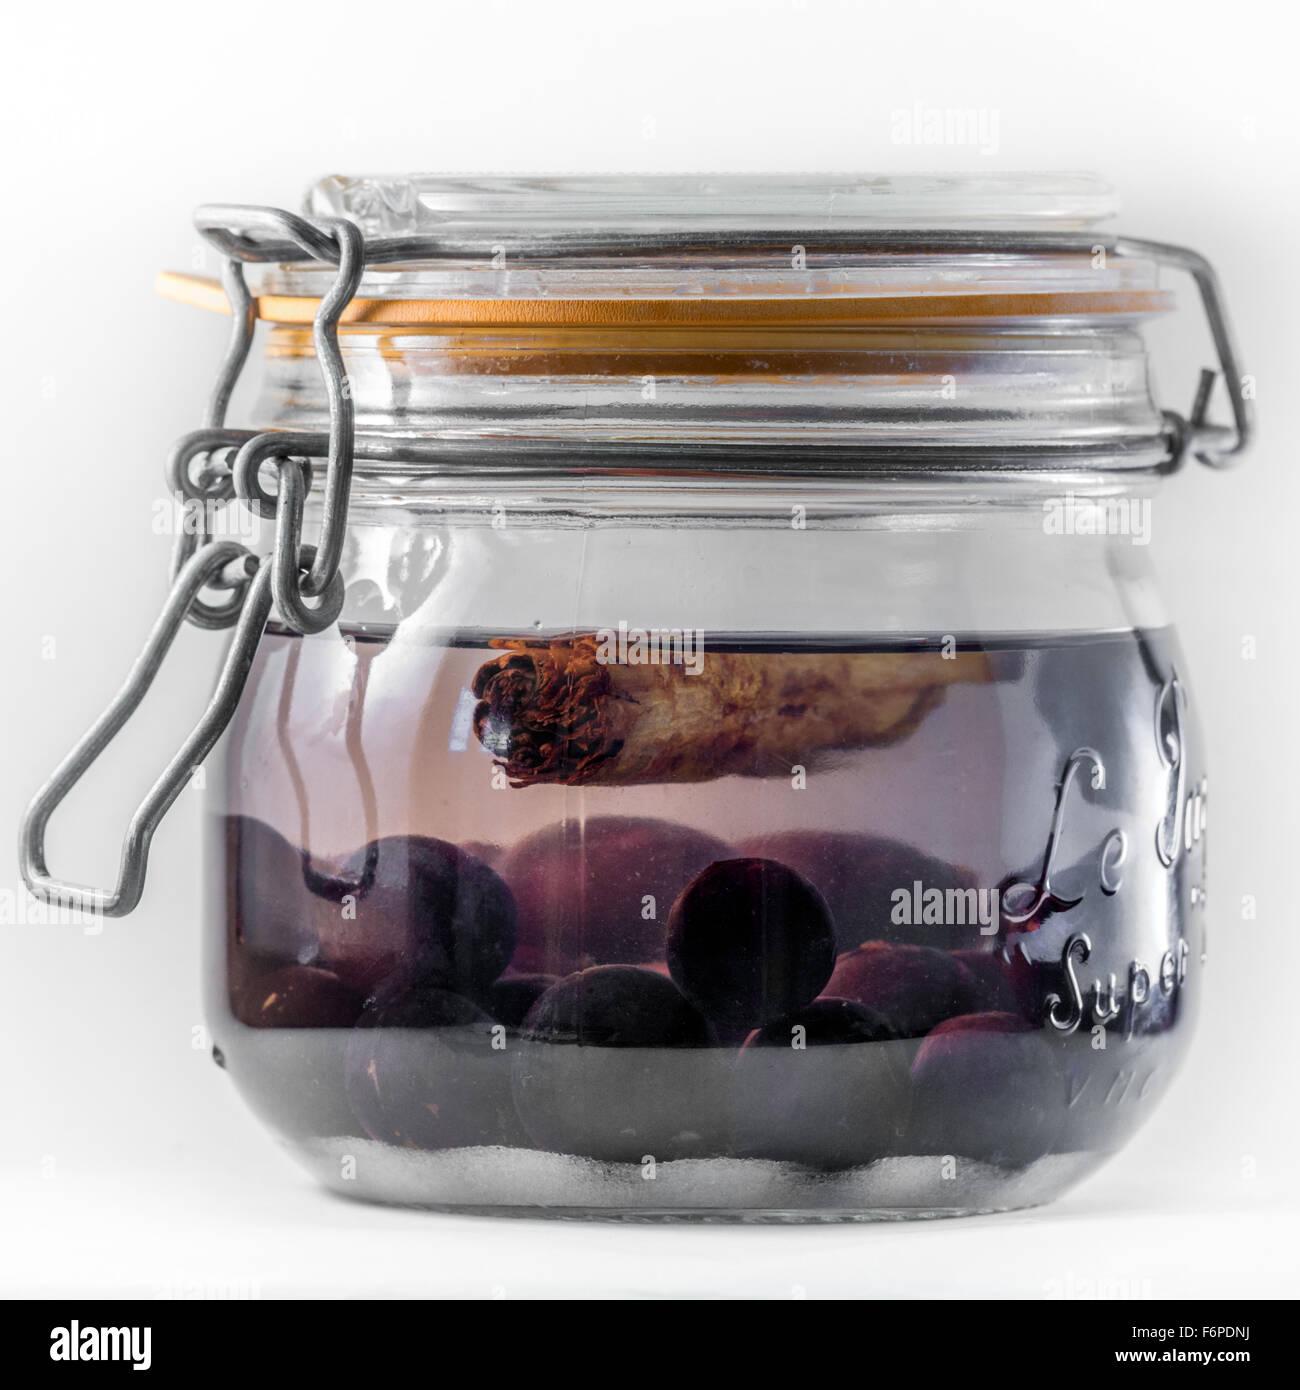 Día 1 Haciendo endrinas (jar que contiene kilner Gin gin, endrinas, azúcar, canela) Foto de stock